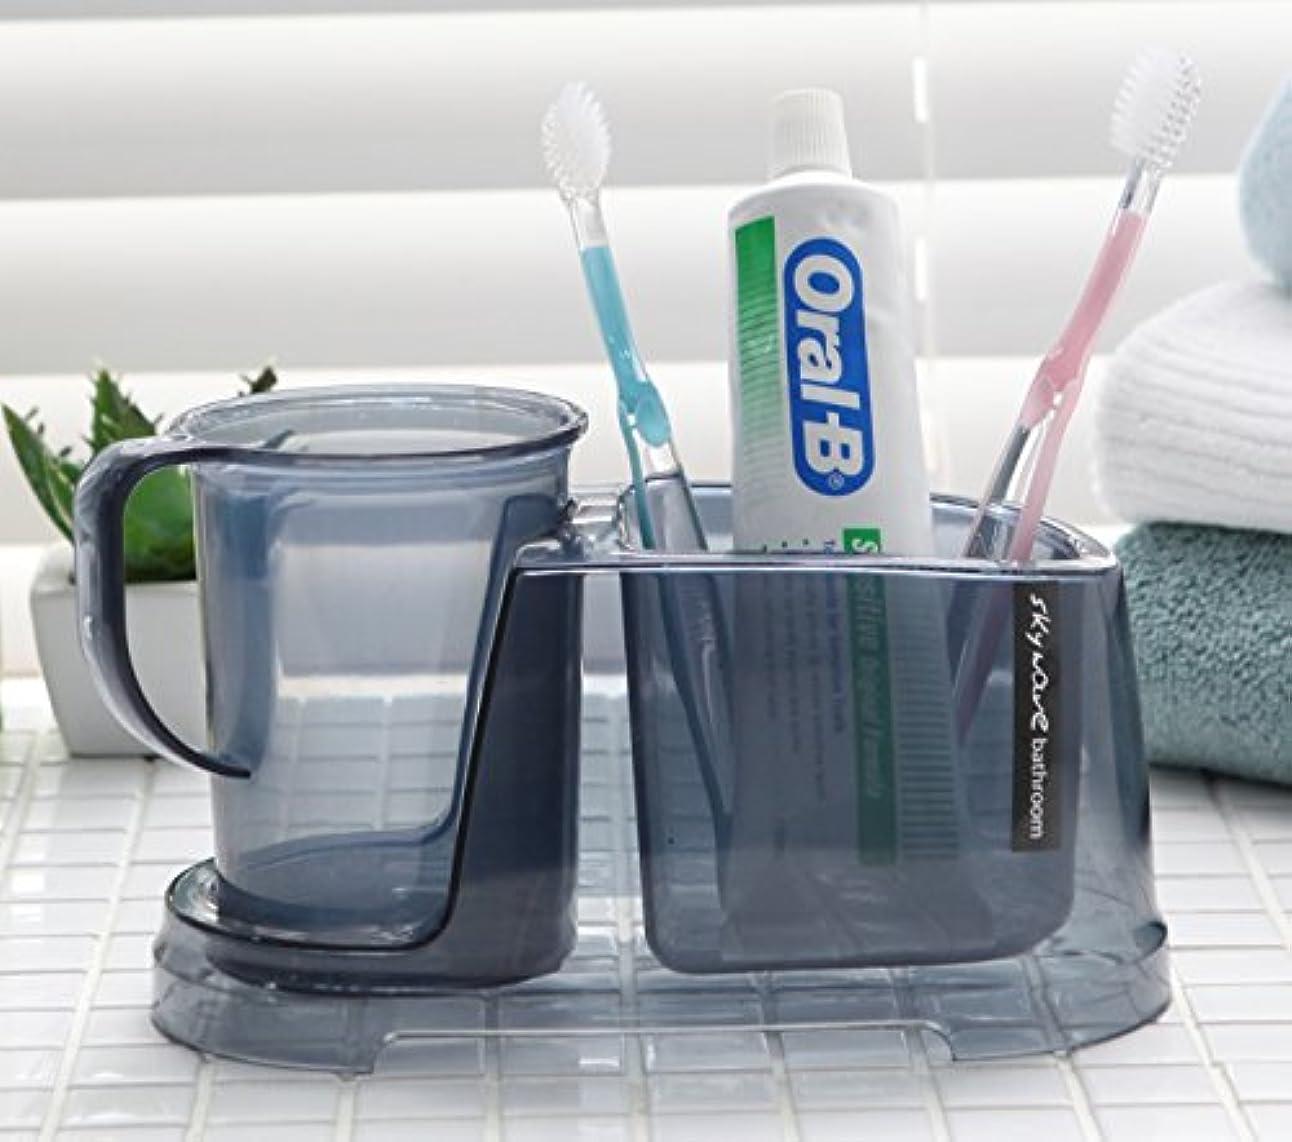 グループ大西洋ピストンTenby Living歯ブラシホルダー+ Rinse Cup、クリアライトブルー